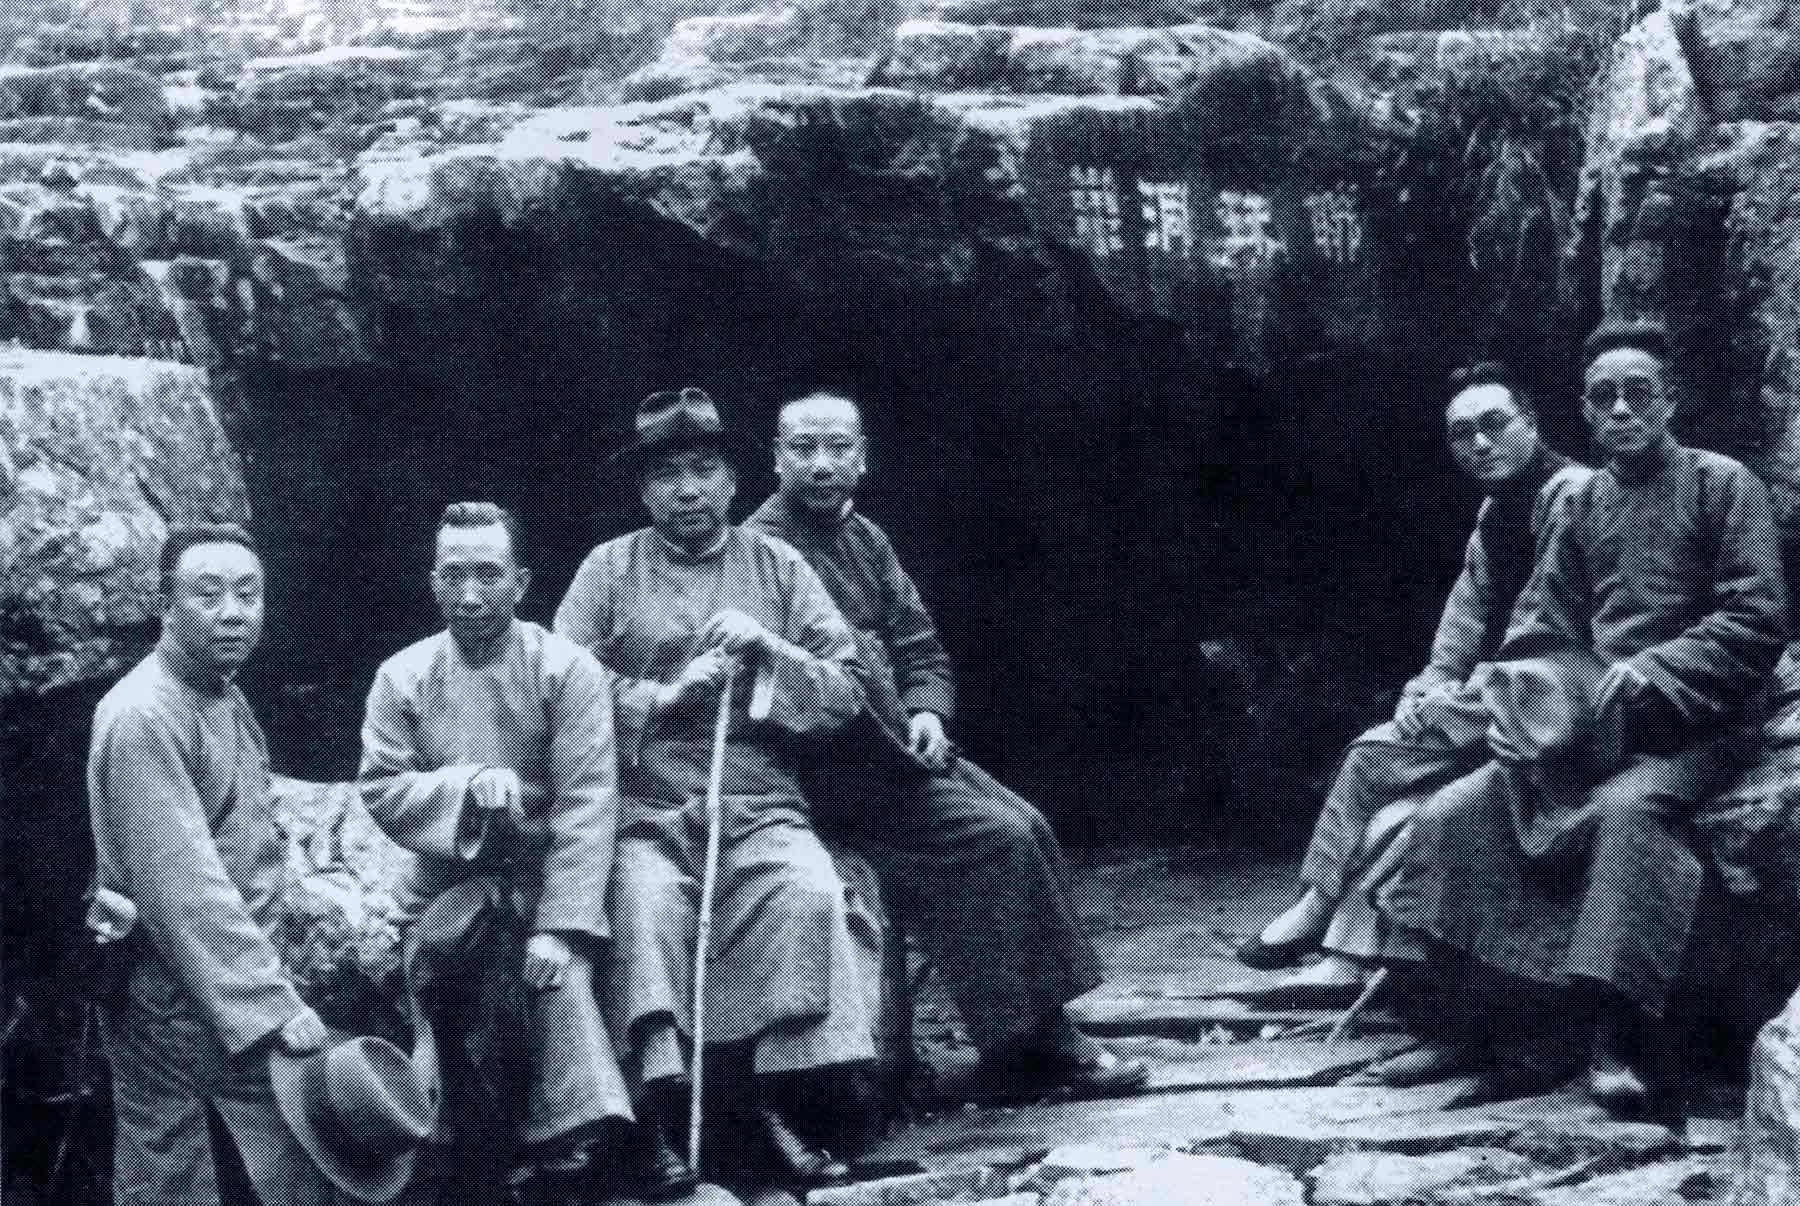 Joueurs de qin visitant la grotte Lianzhudong dans le jiangsu en 1936